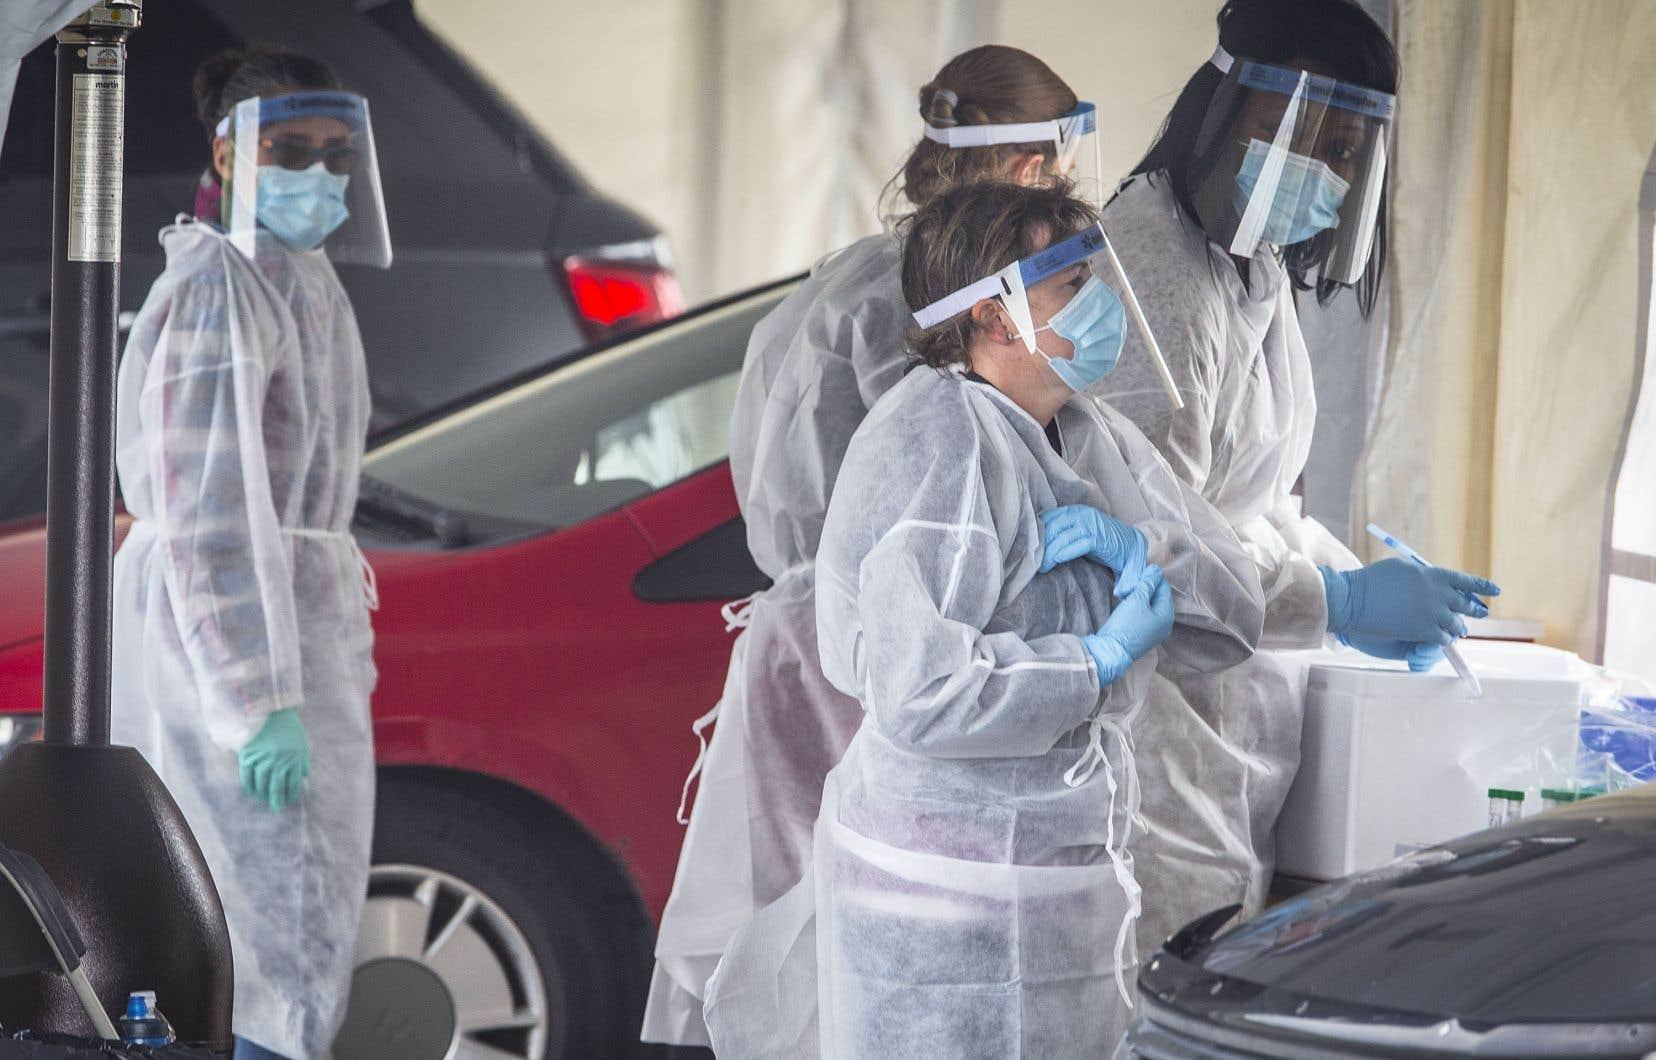 Depuis le début de la pandémie, 10 entreprises ont mis la main sur plus de la moitié des contrats d'équipements de protection individuels du gouvernement du Québec.